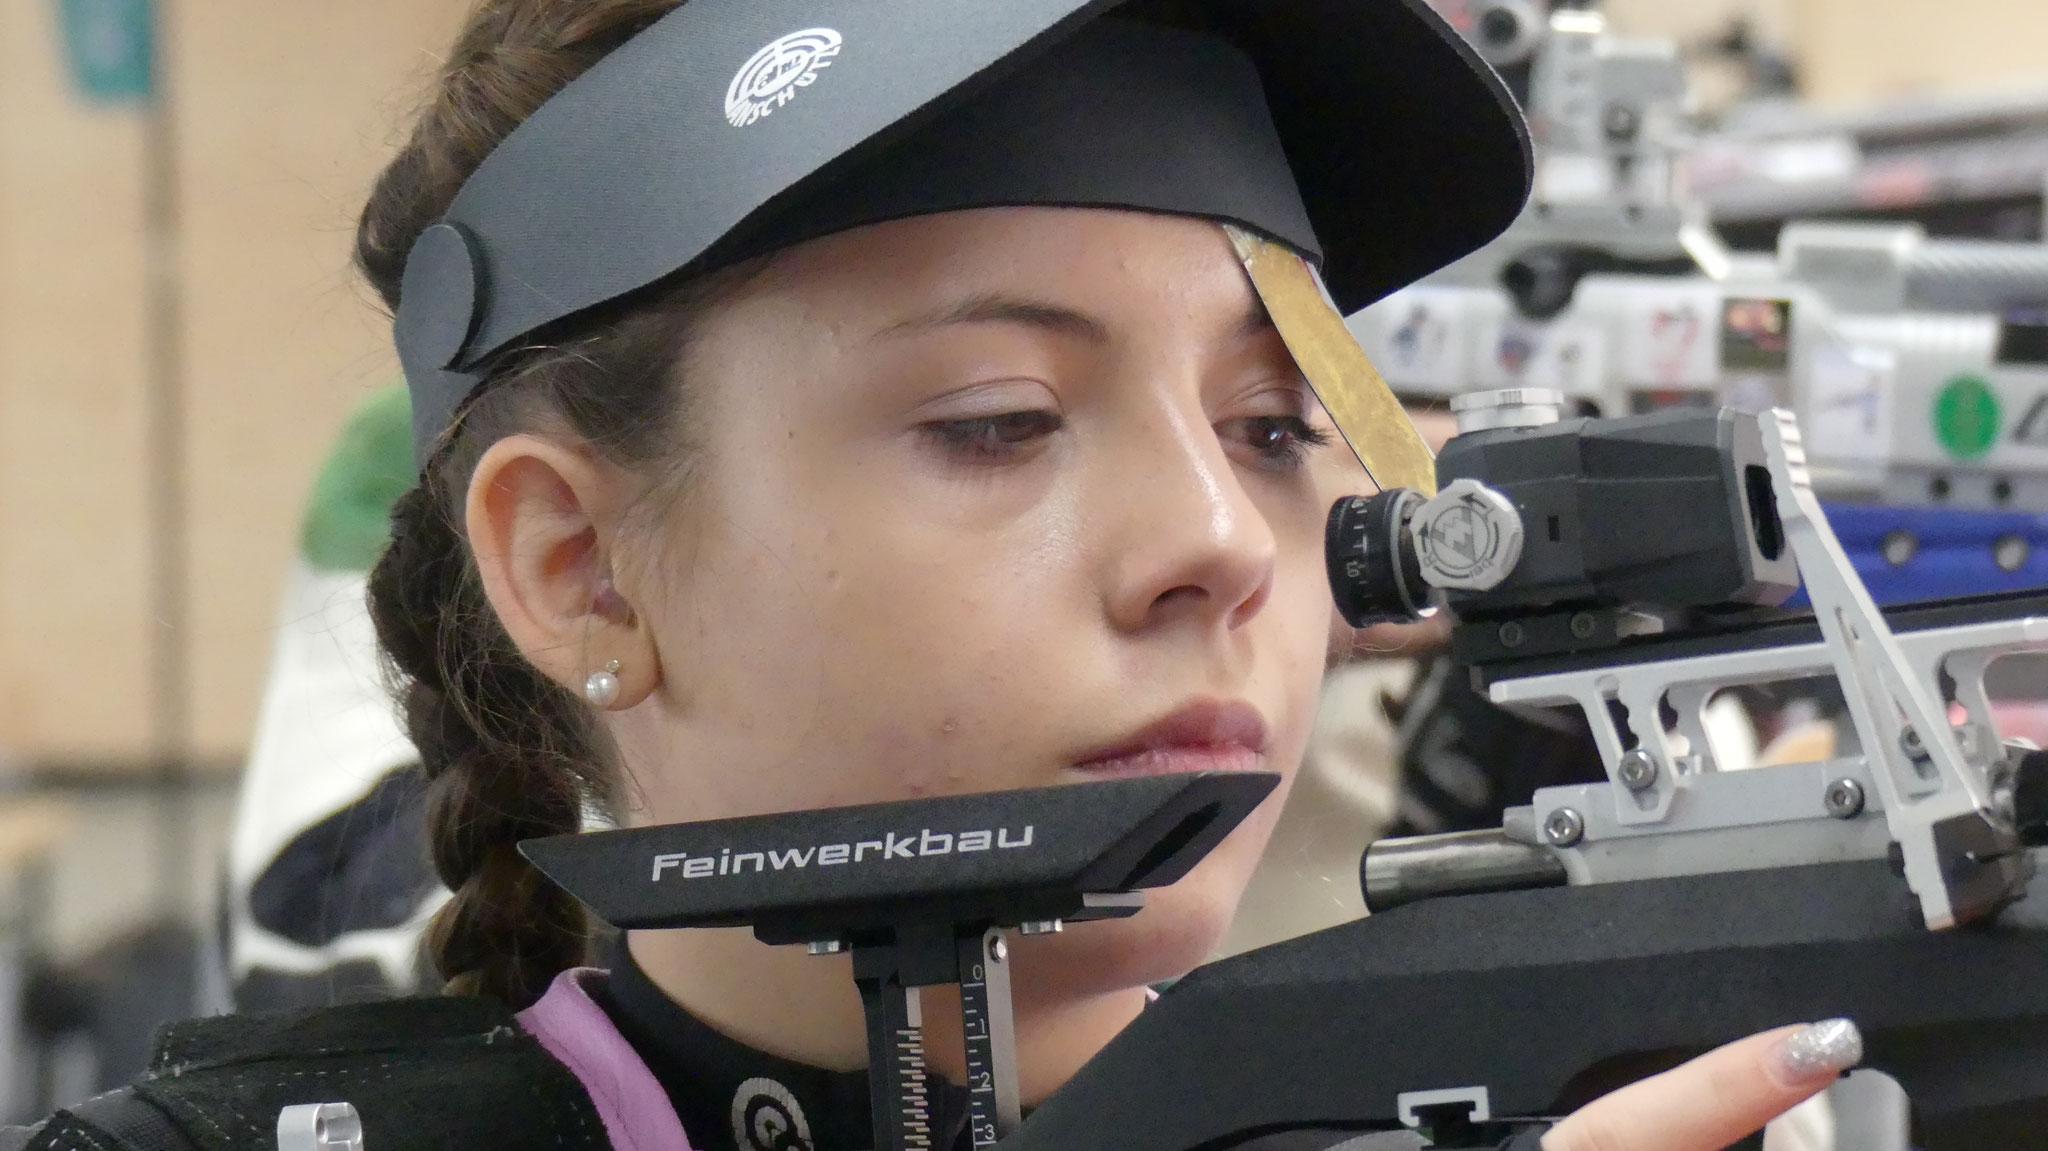 Die erst 17jährige Lana Wurster schoss bei ihrem Debüt in der 1. Liga 394 Ringe und unterlag in ihrem Match mit dem letzten Schuss nur knapp.